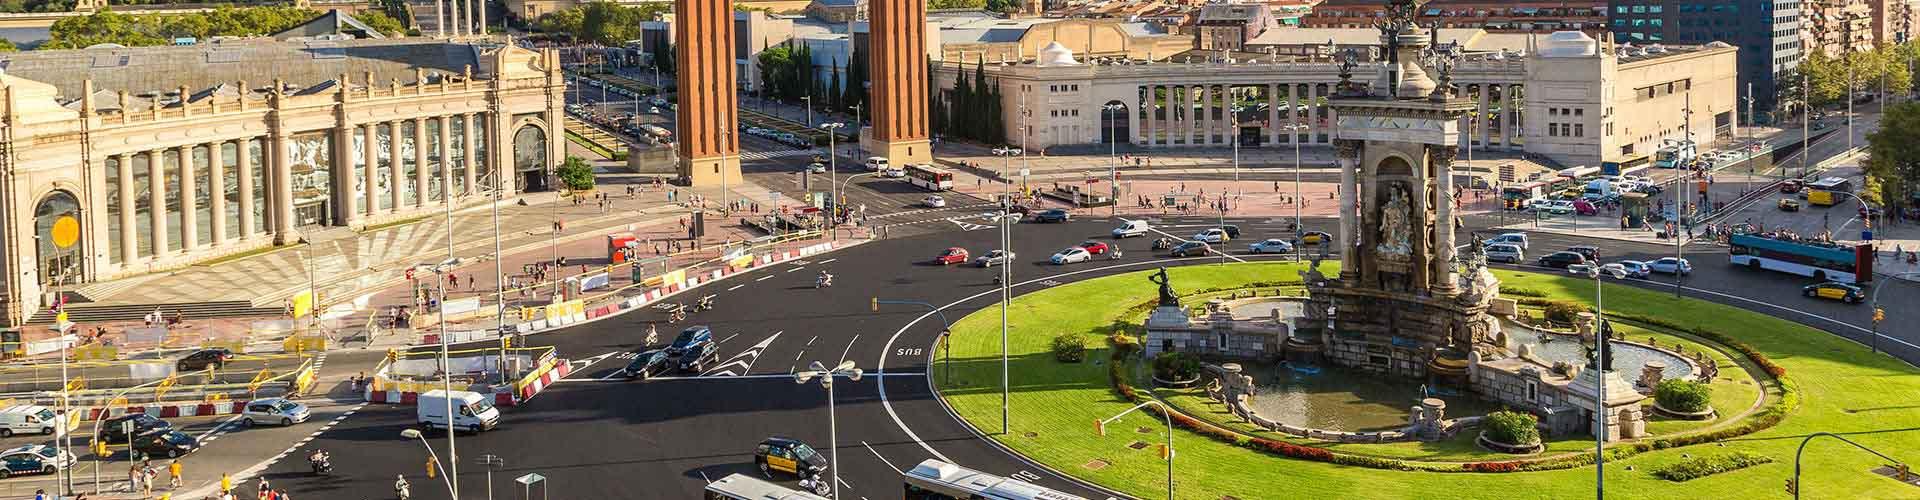 Barcelona - Apartments nahe Stadtzentrum. Barcelona auf der Karte. Fotos und Bewertungen für jedes Apartment in Barcelona.